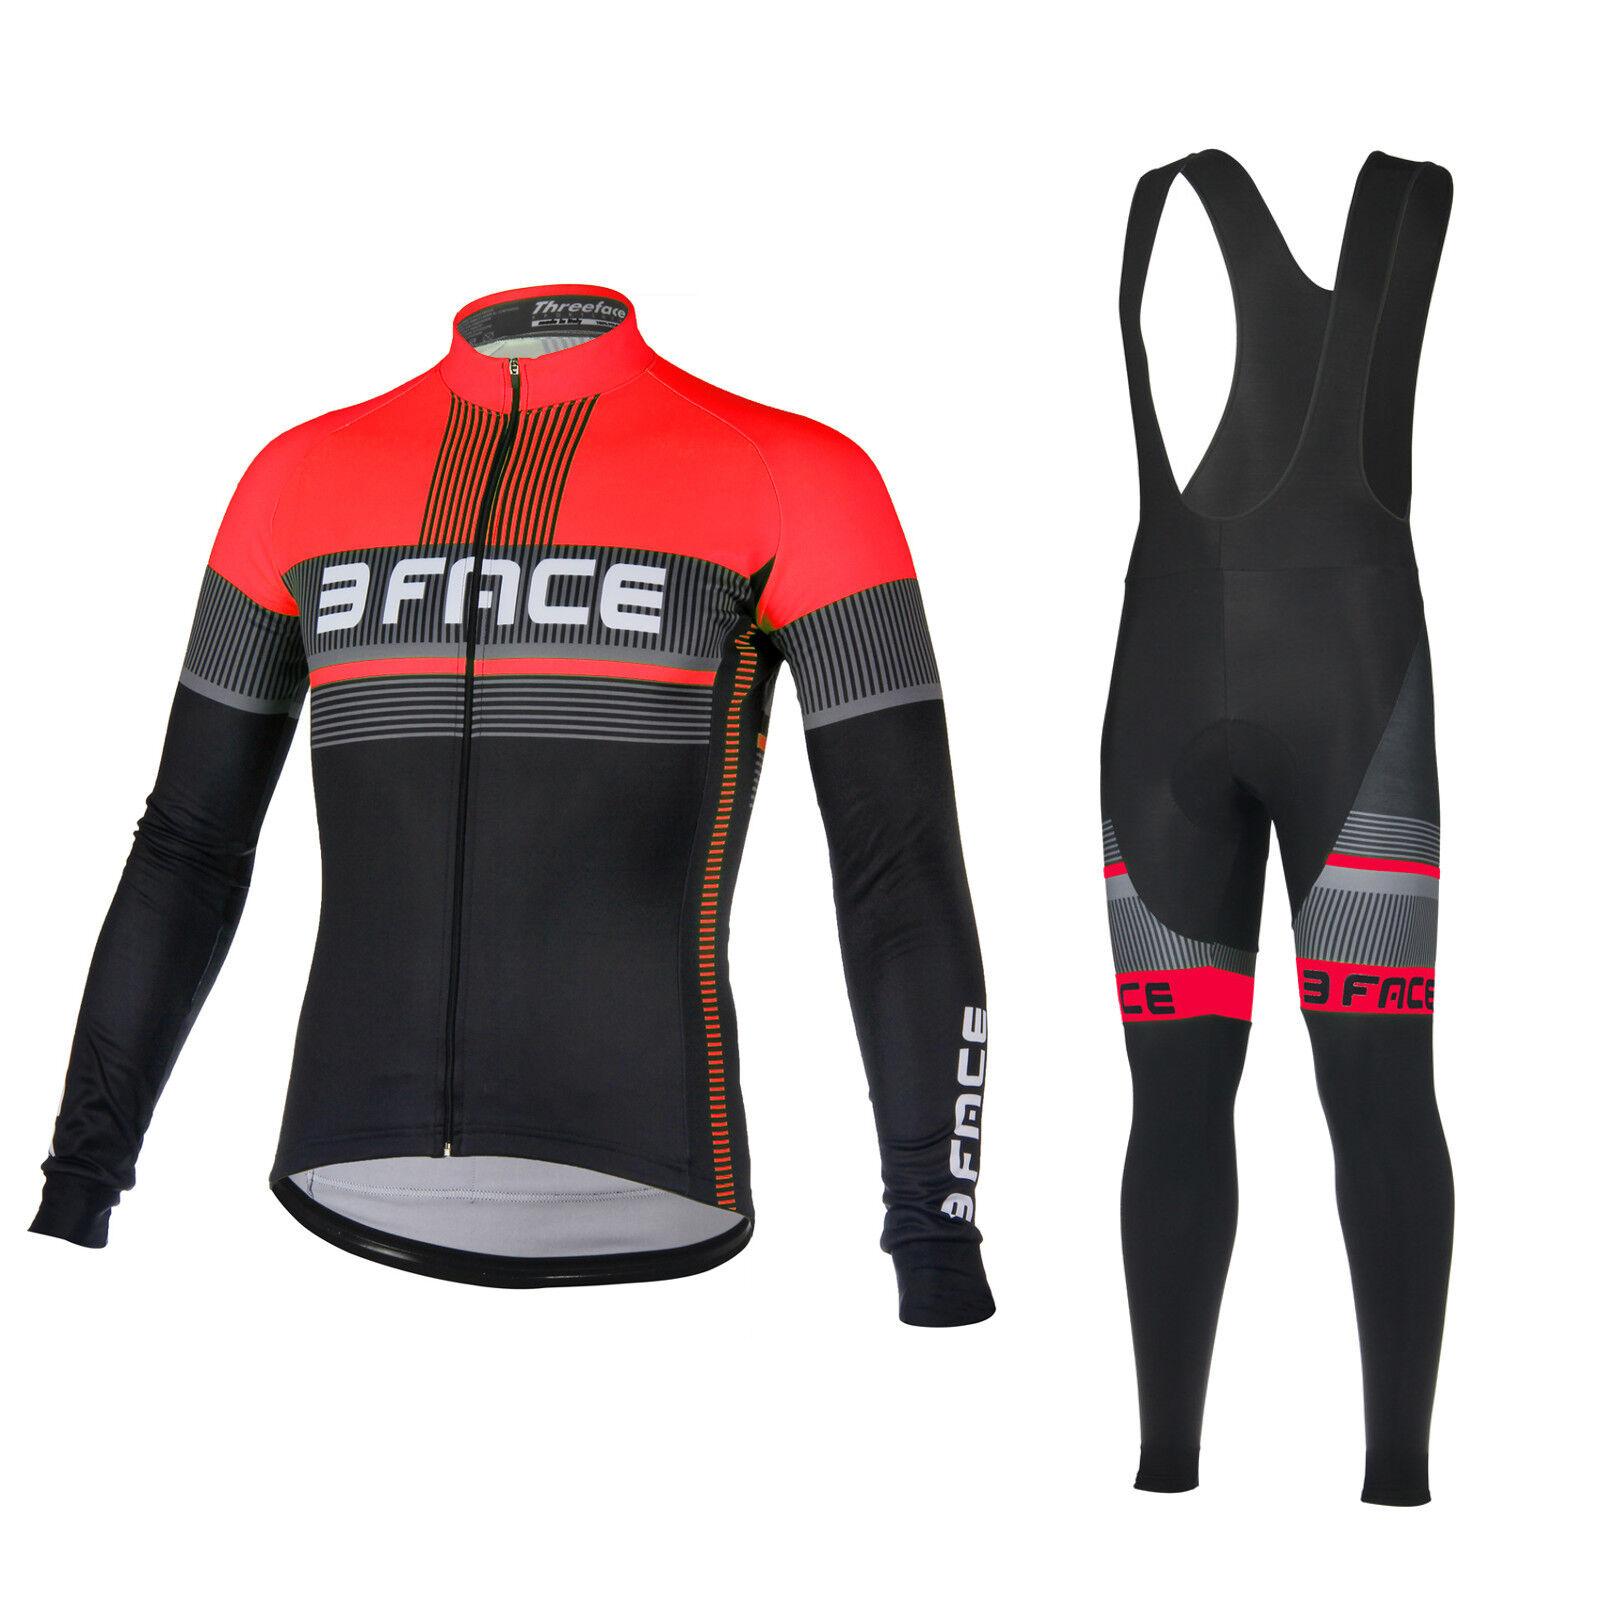 Tuta da mezza stagione bici ciclismo termica traspirante Deal maglia+calzamaglia